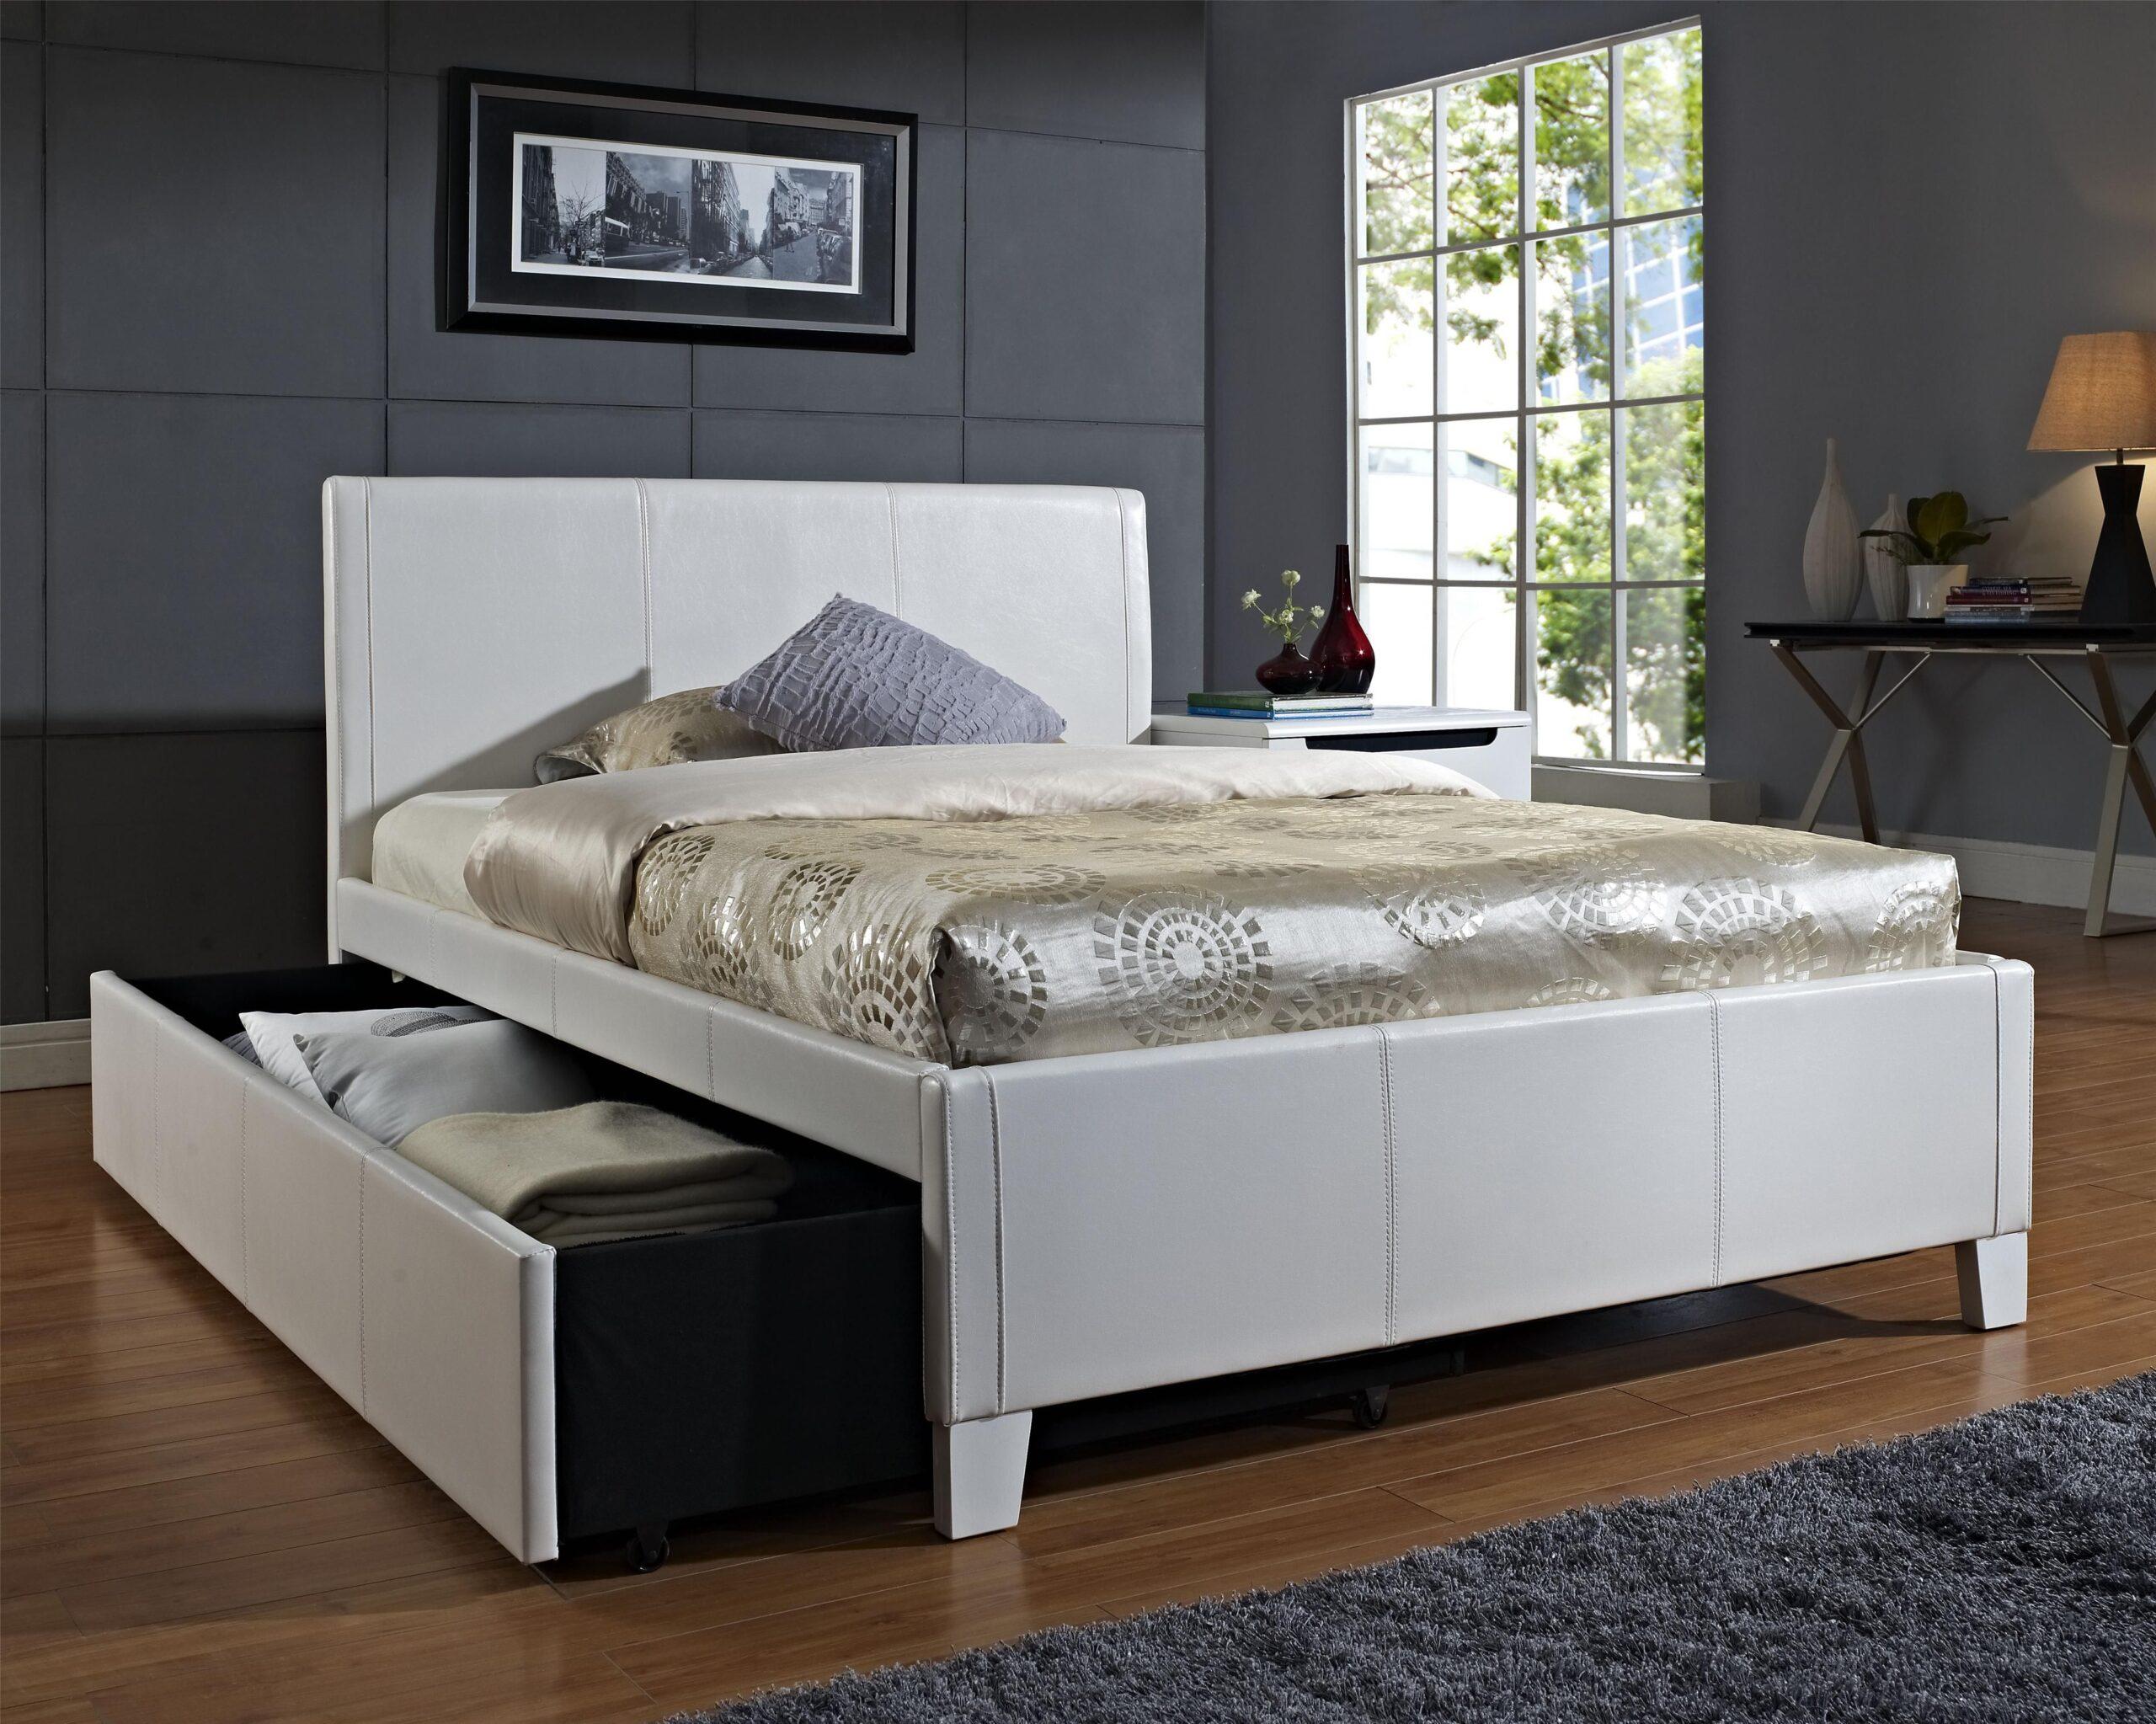 Full Size of Ausziehbares Doppelbett Ikea Ausziehbare Doppelbettcouch Full Size Bett Mit Twin Hochbett Schreibtisch Und Wohnzimmer Ausziehbares Doppelbett